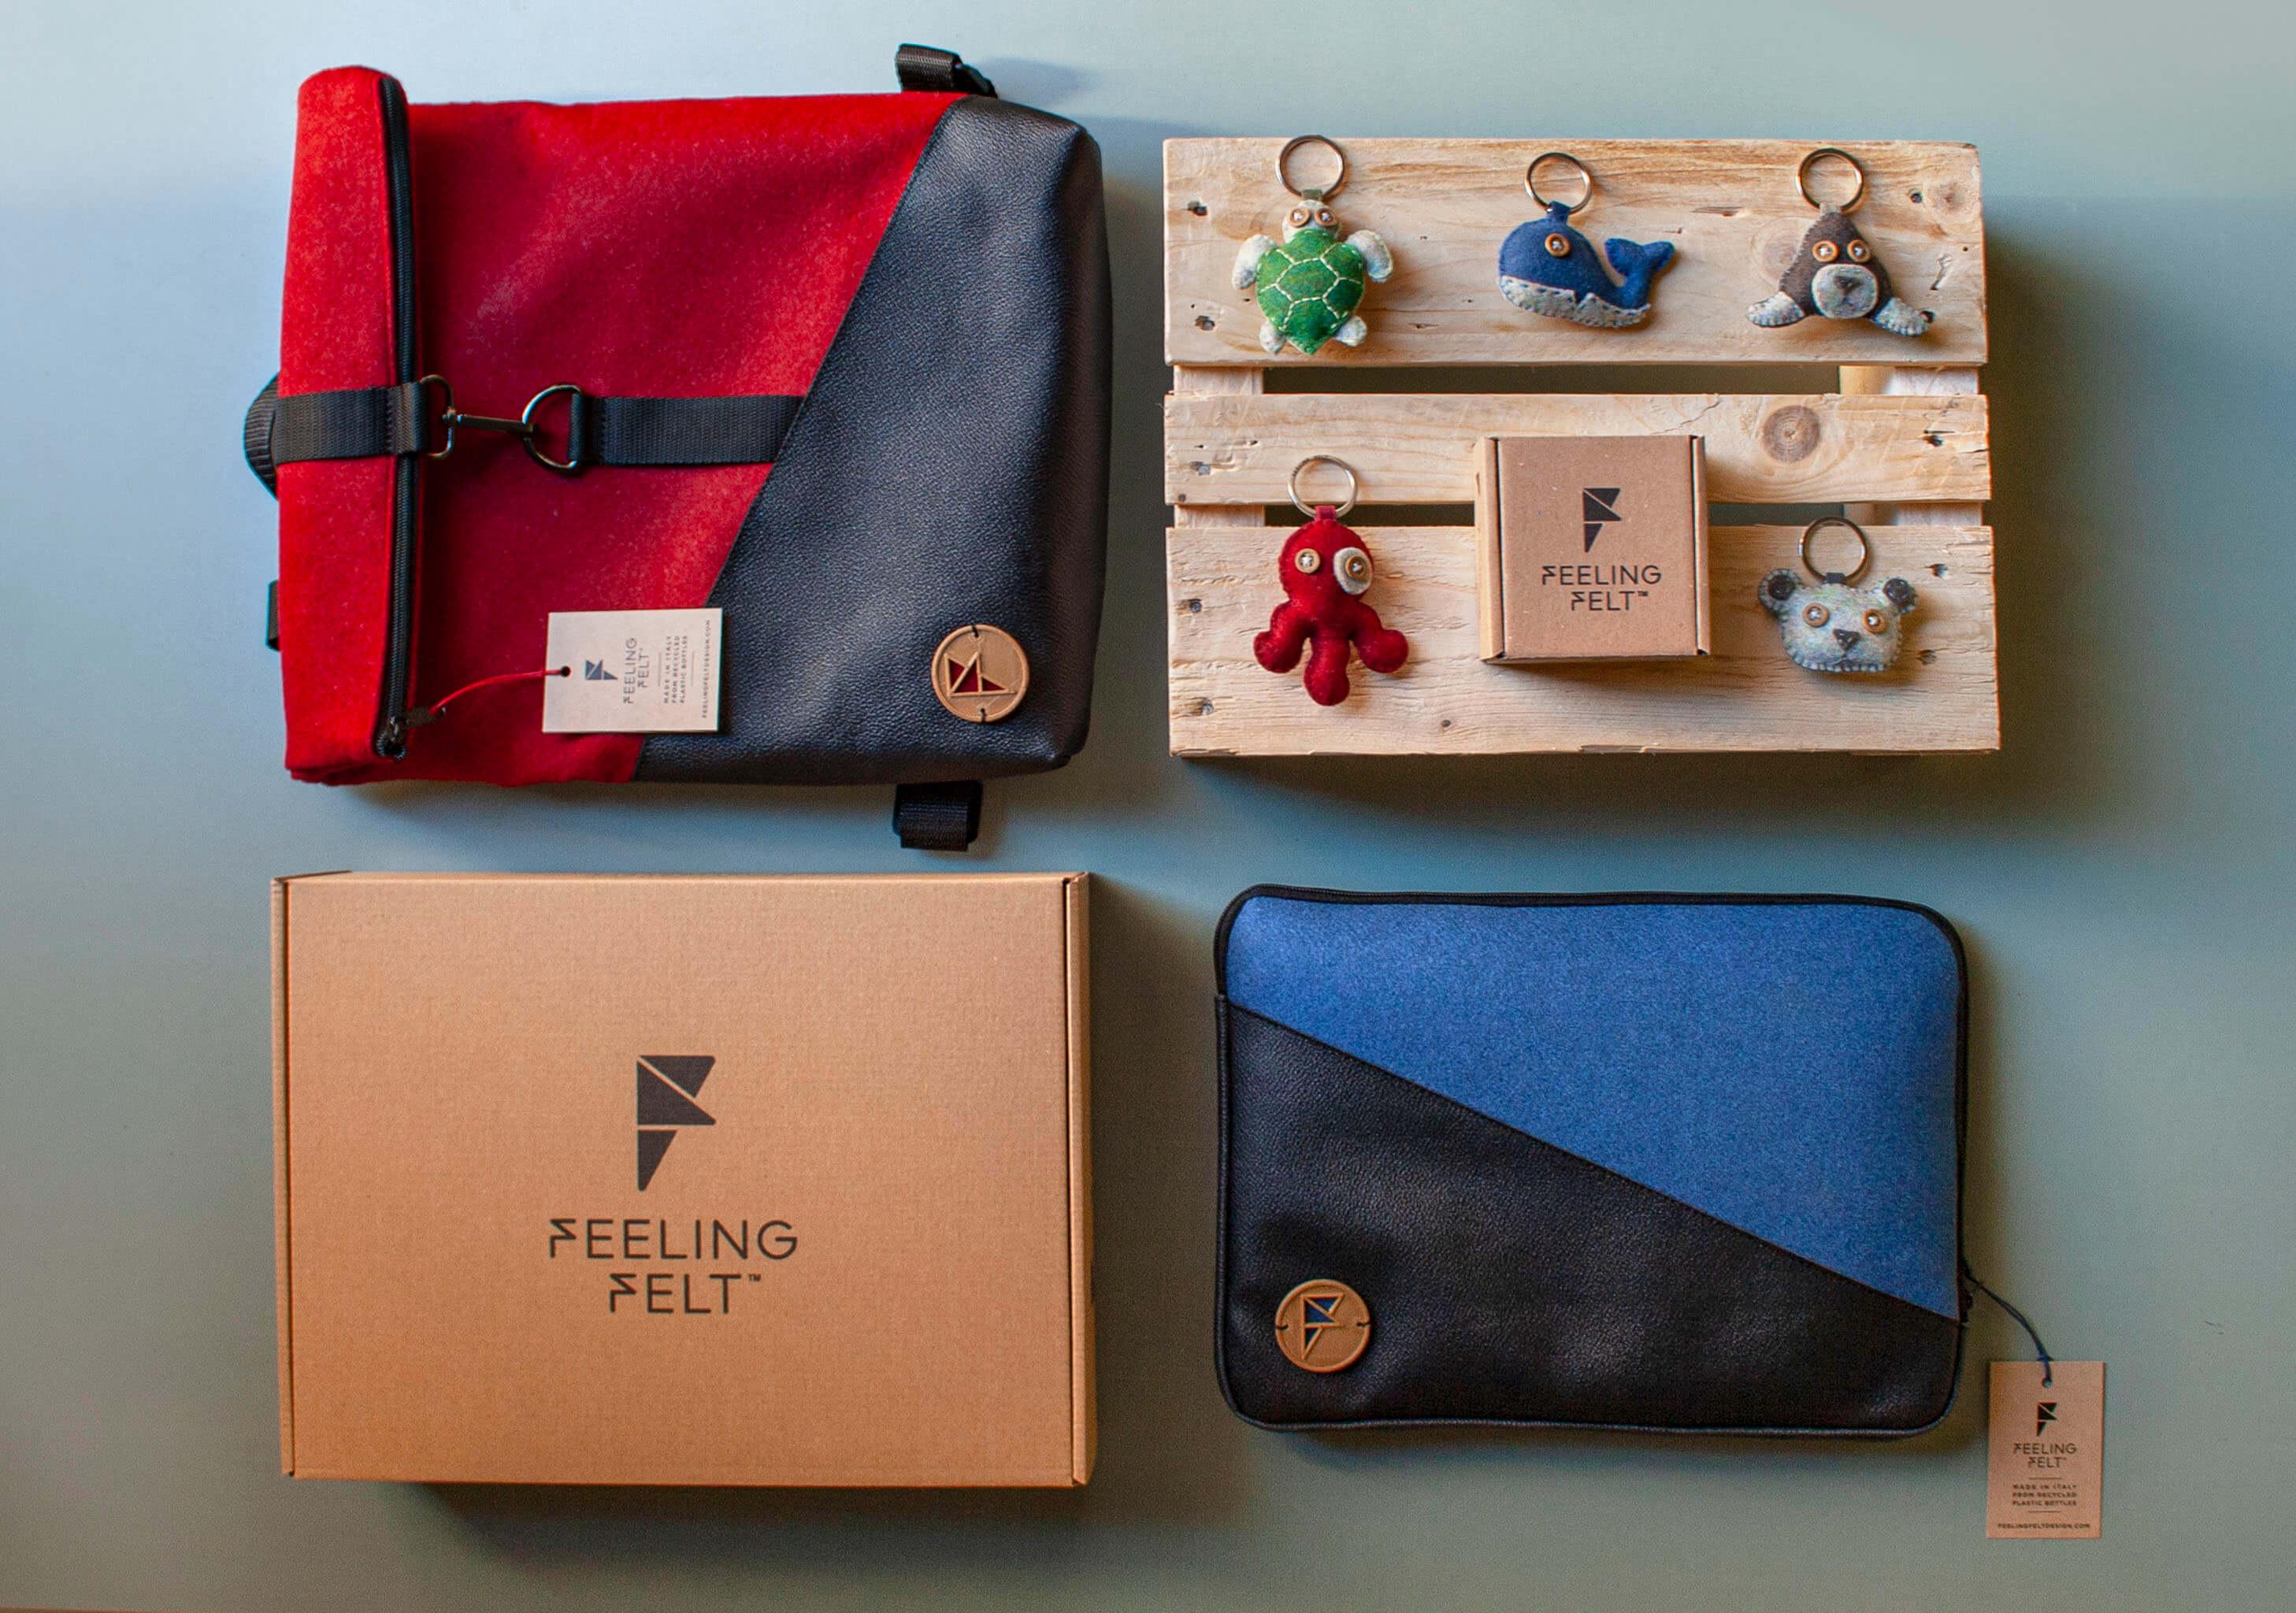 varias mochilas, llaveros y una caja de Feeling Felt